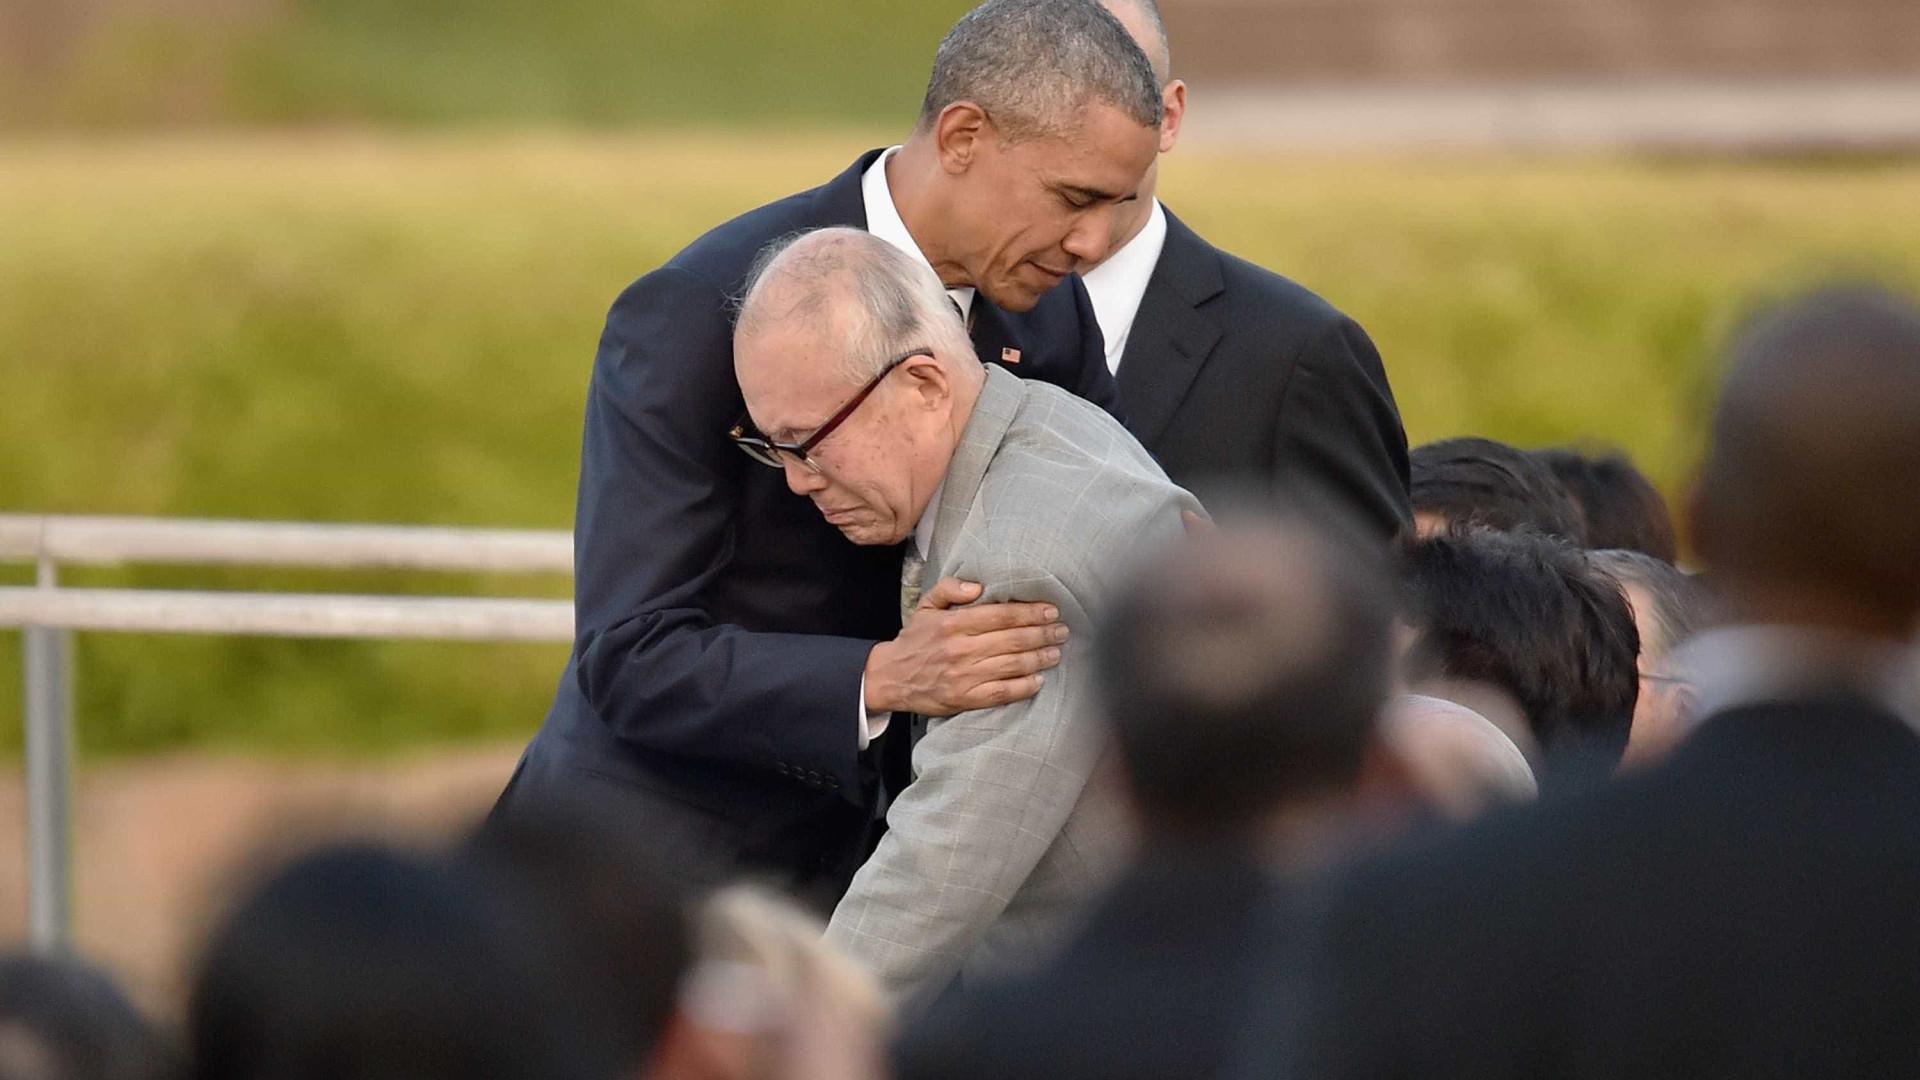 Abraço de Obama a sobrevivente de Horishima torna-se epítome da visita